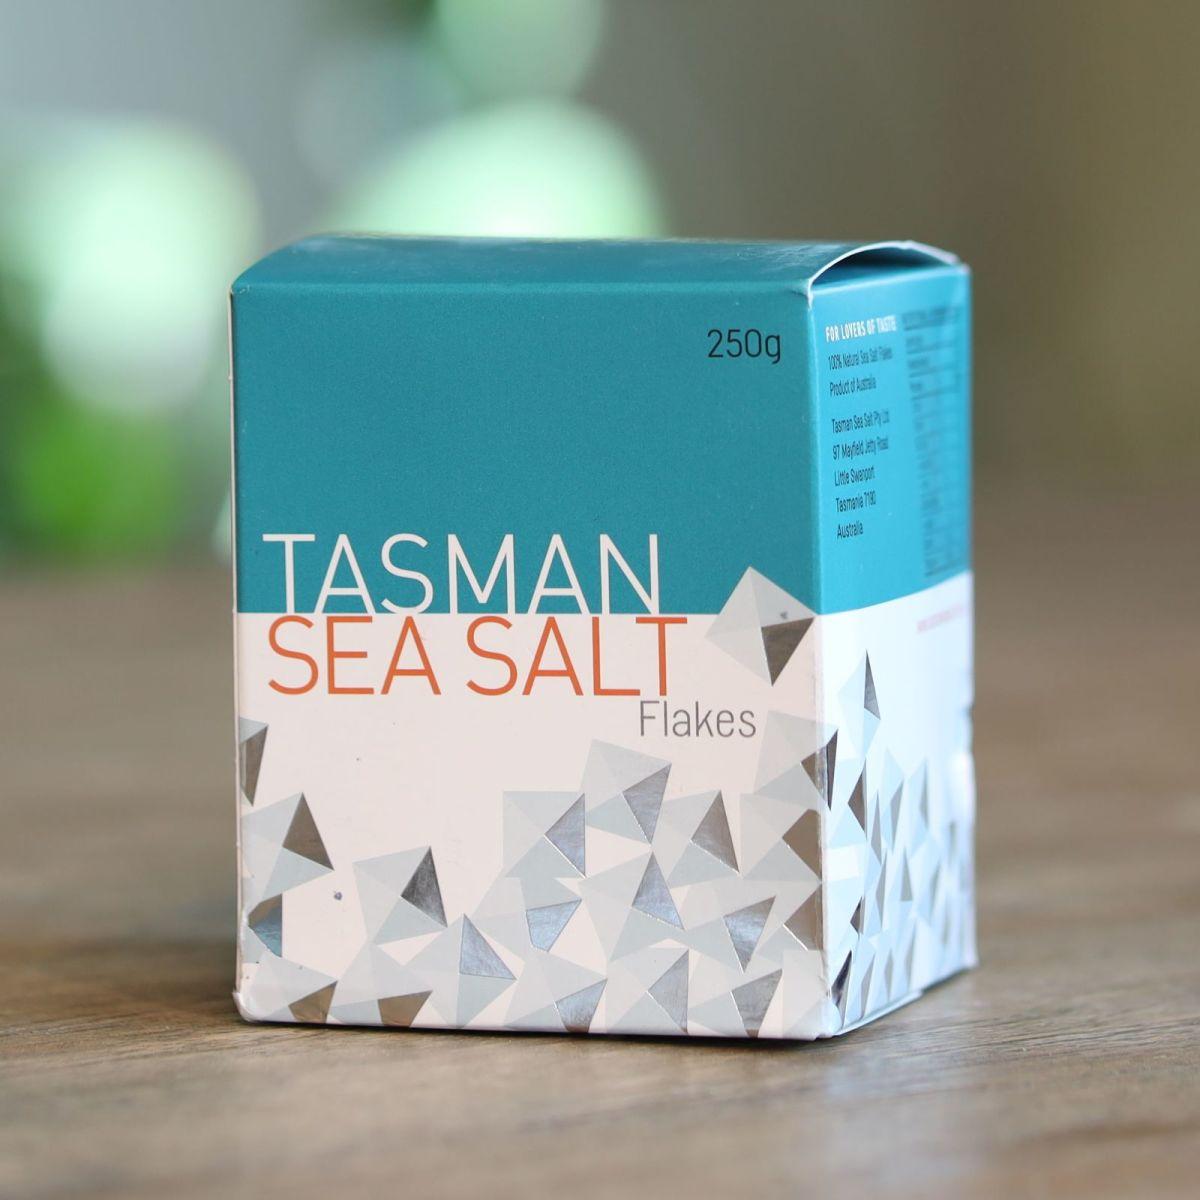 Tasman Sea Salt - Natural Flakes